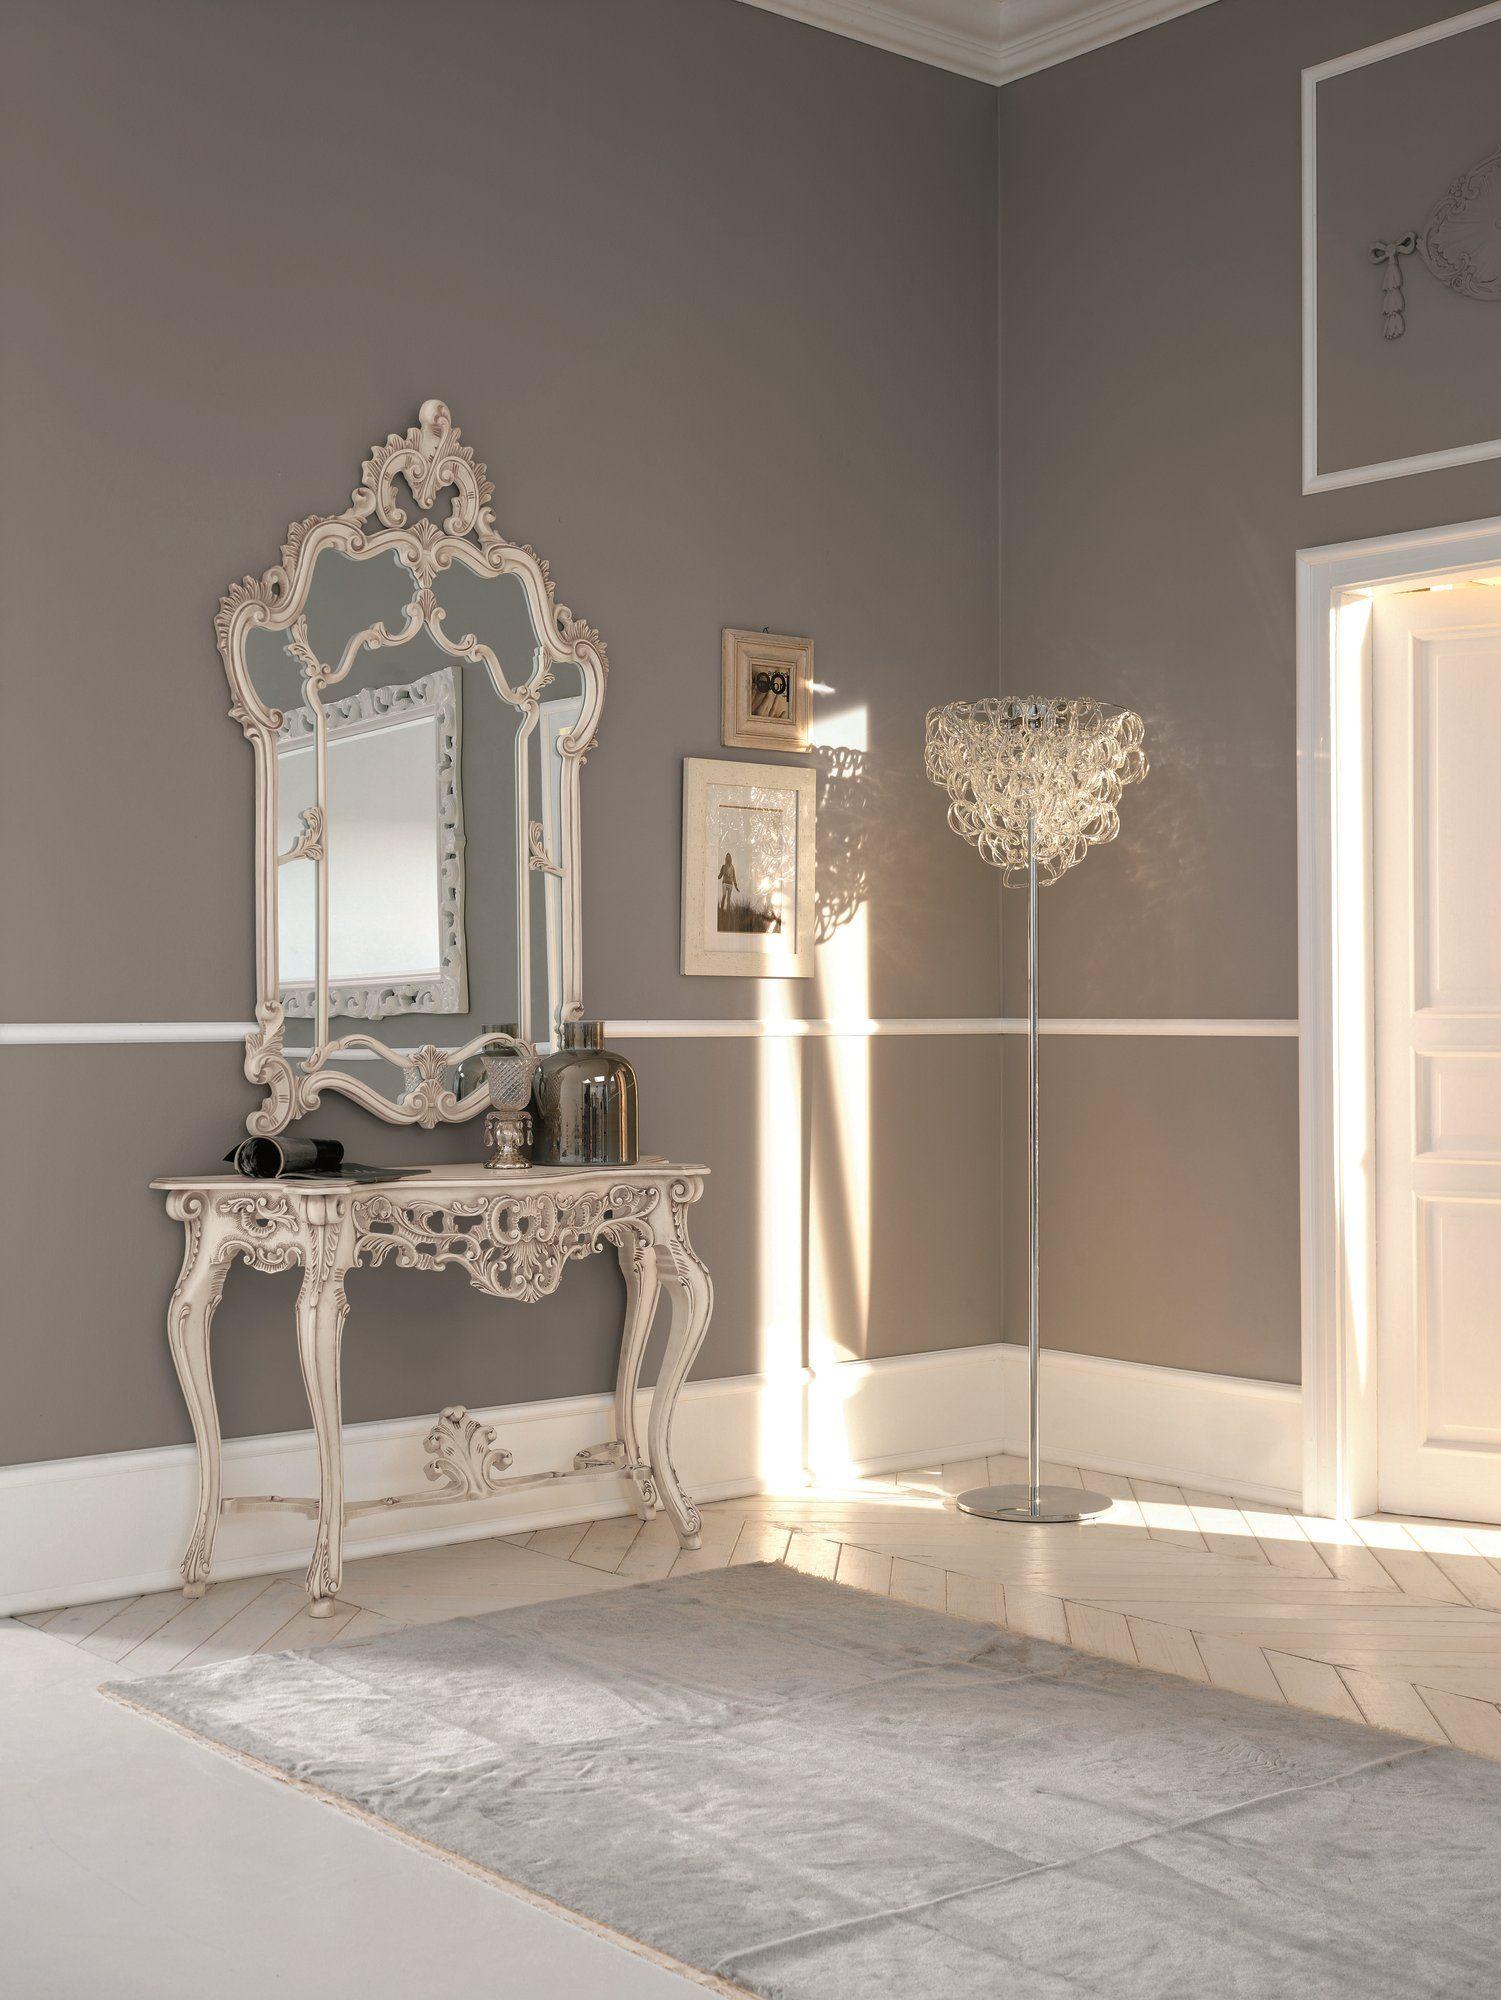 Susy specchio shabby chic by dall agnese design imago design massimo rosa - Parete shabby chic ...